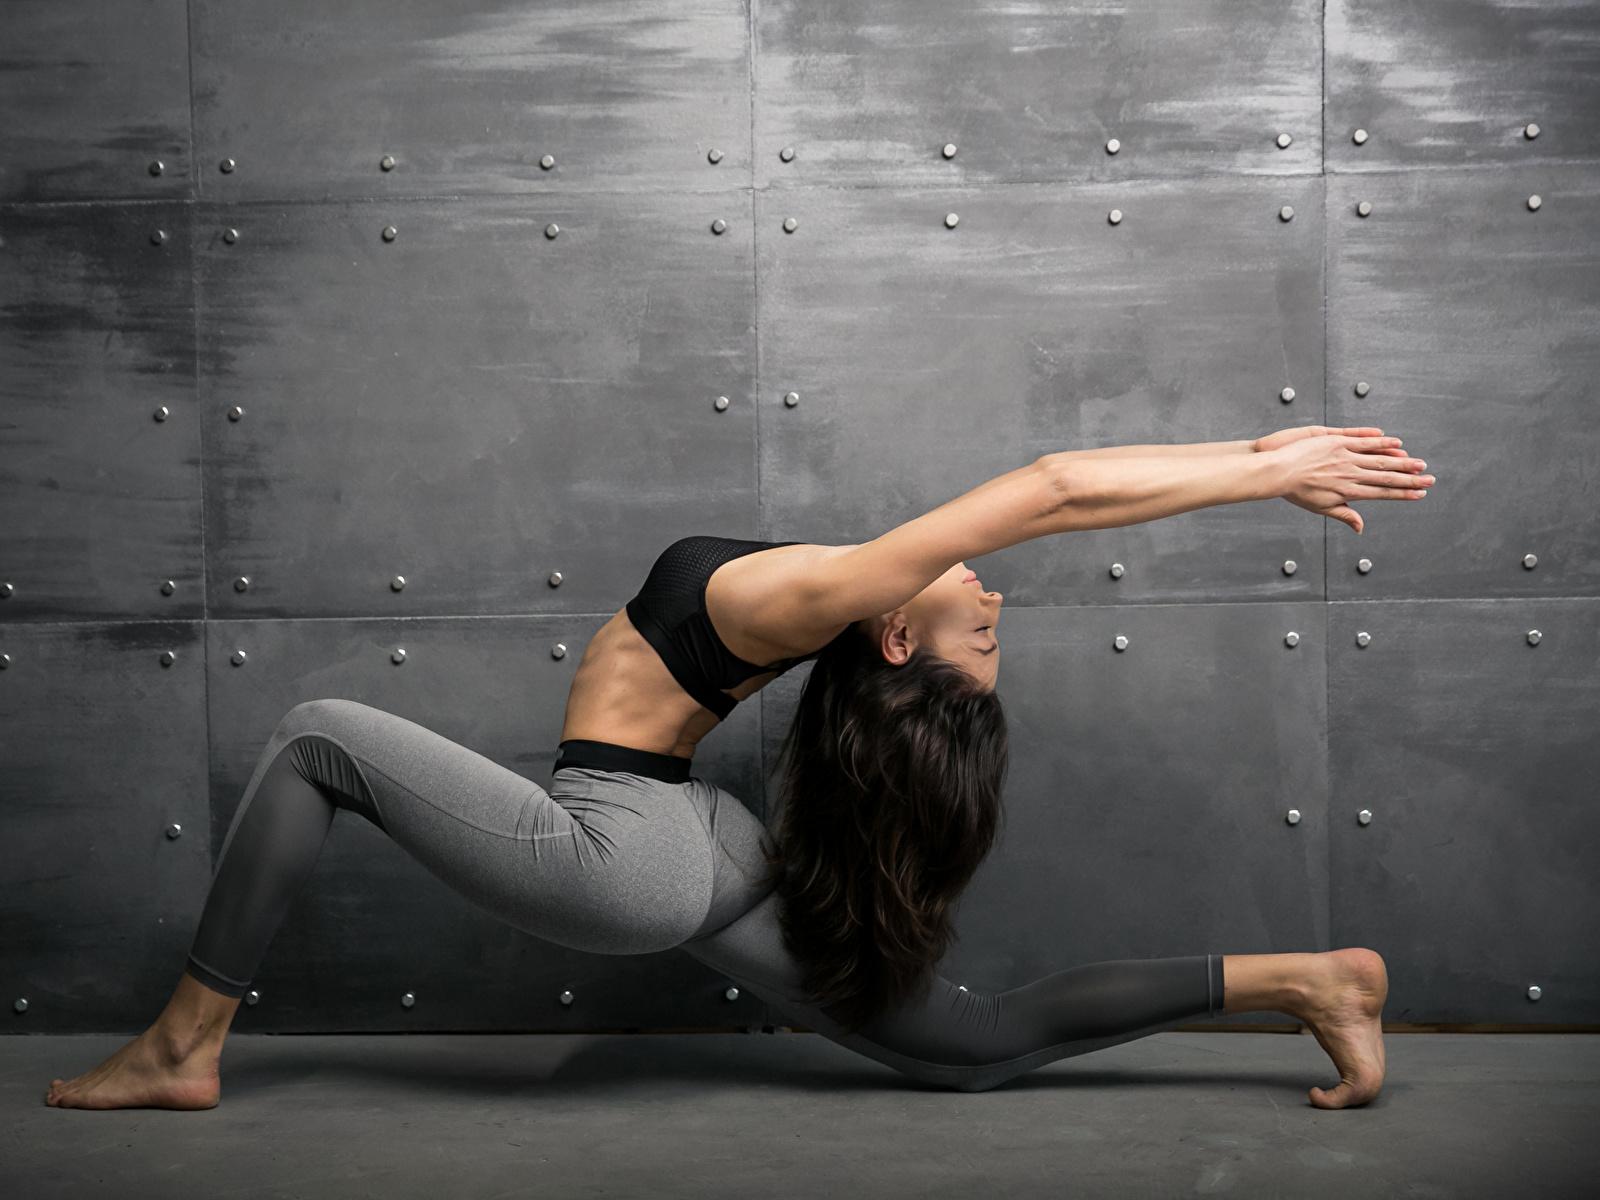 Картинки Шатенка Физические упражнения Фитнес Спорт Девушки Гимнастика Руки 1600x1200 Тренировка